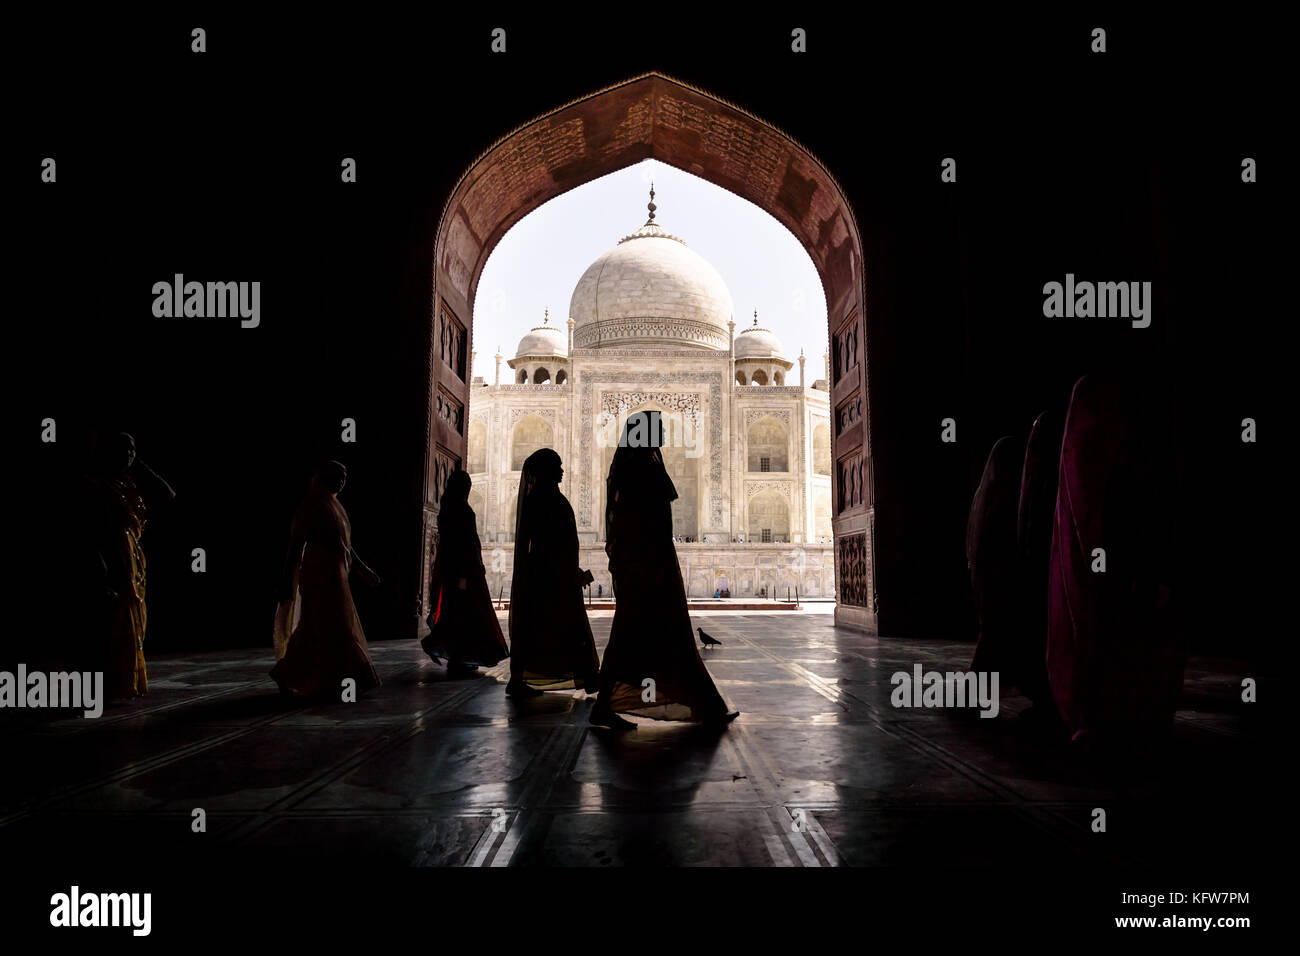 Argra, Taj Mahal, India - El 3 de marzo de 2012: las mujeres en saris tradicionales pasando arch en el Taj Mahal Imagen De Stock